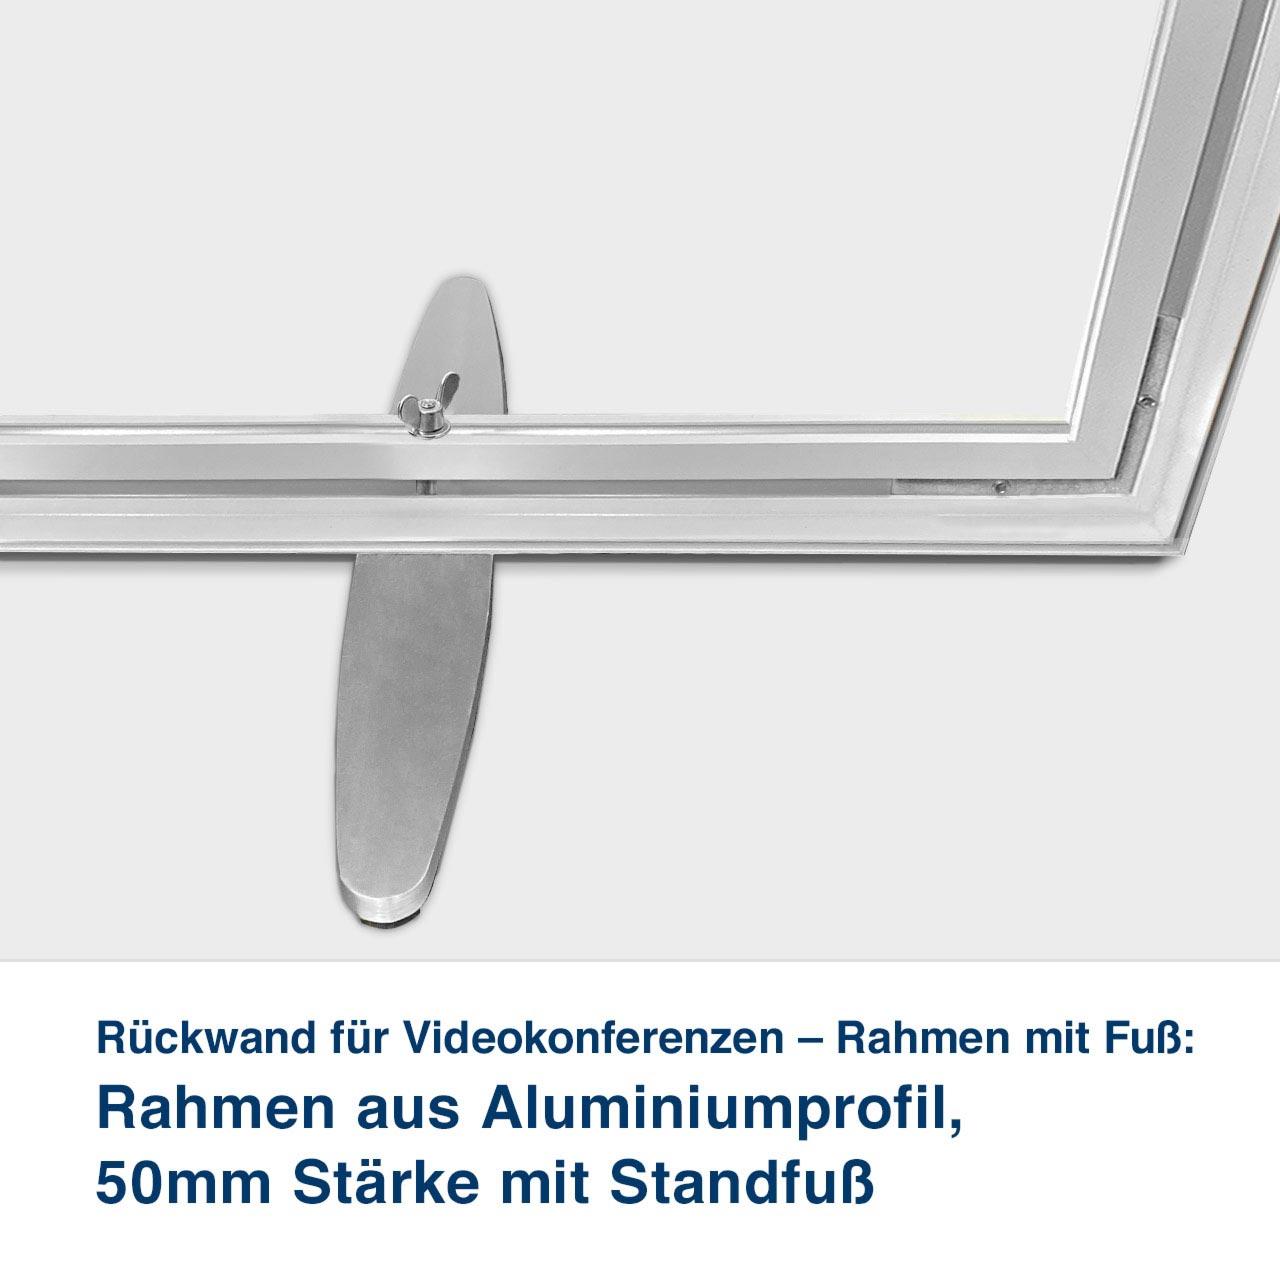 Rückwand für Videokonferenzen – Rahmen mit Fuß:   Rahmen aus Aluminiumprofil,  50mm Stärke mit Standfuß